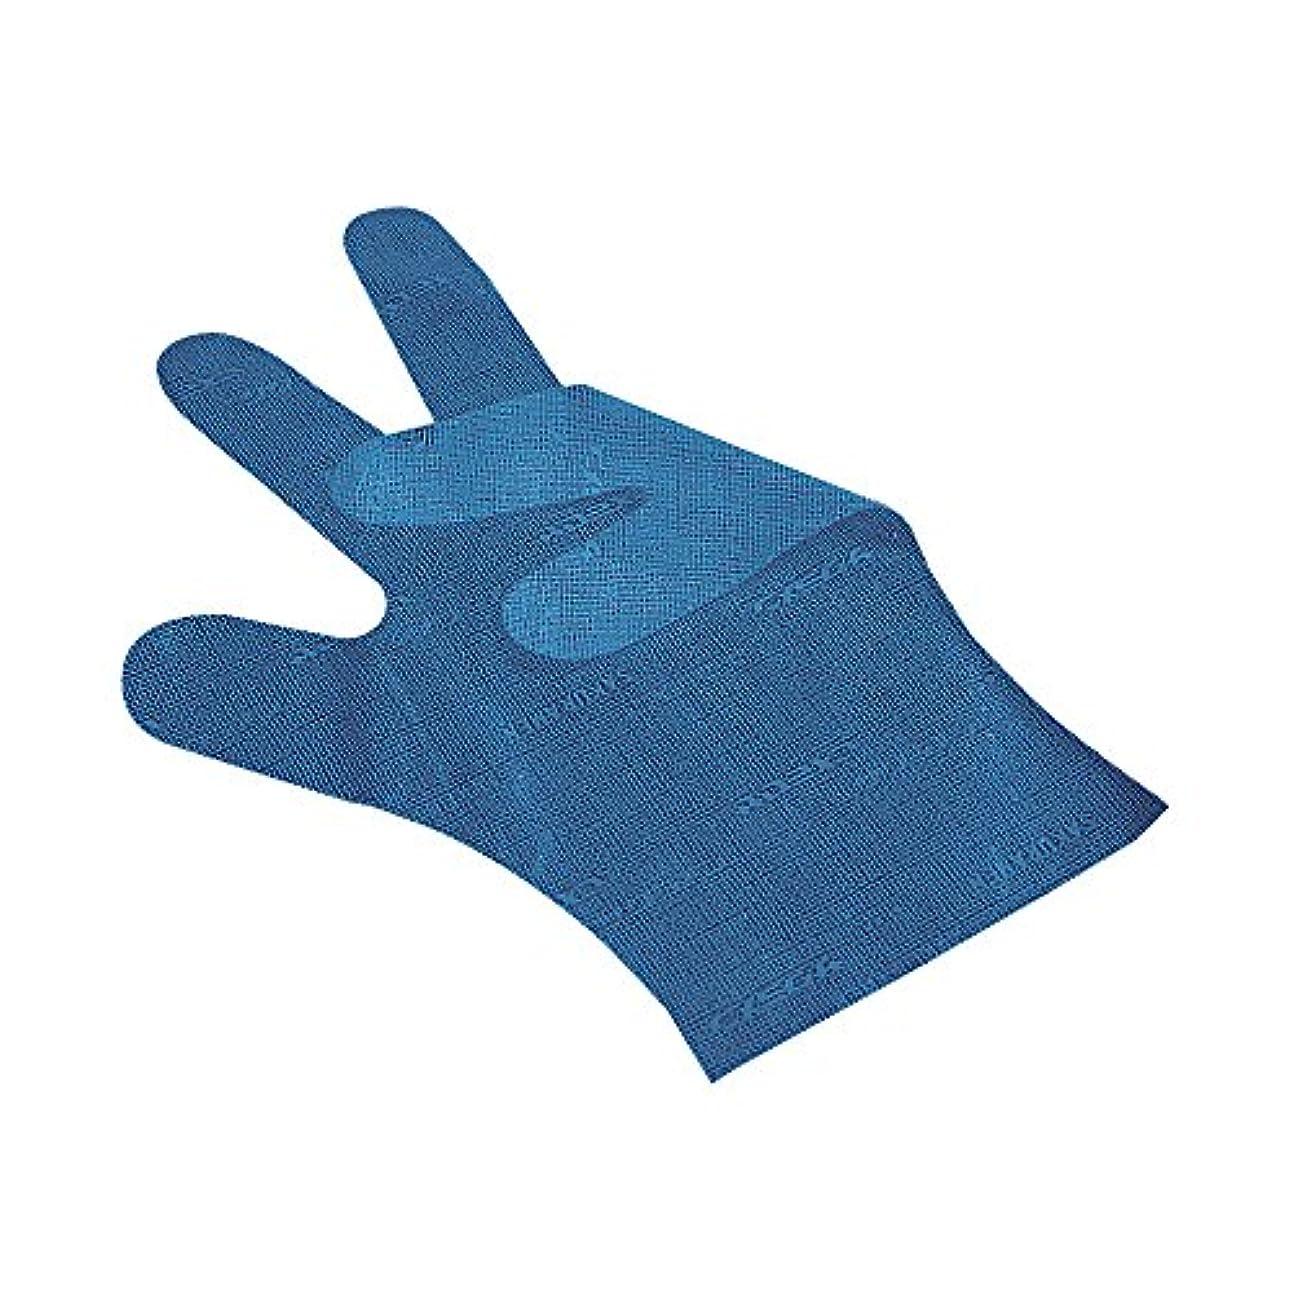 相互接続難しいサクラメンエンボス手袋 デラックス ブルー S 100枚入